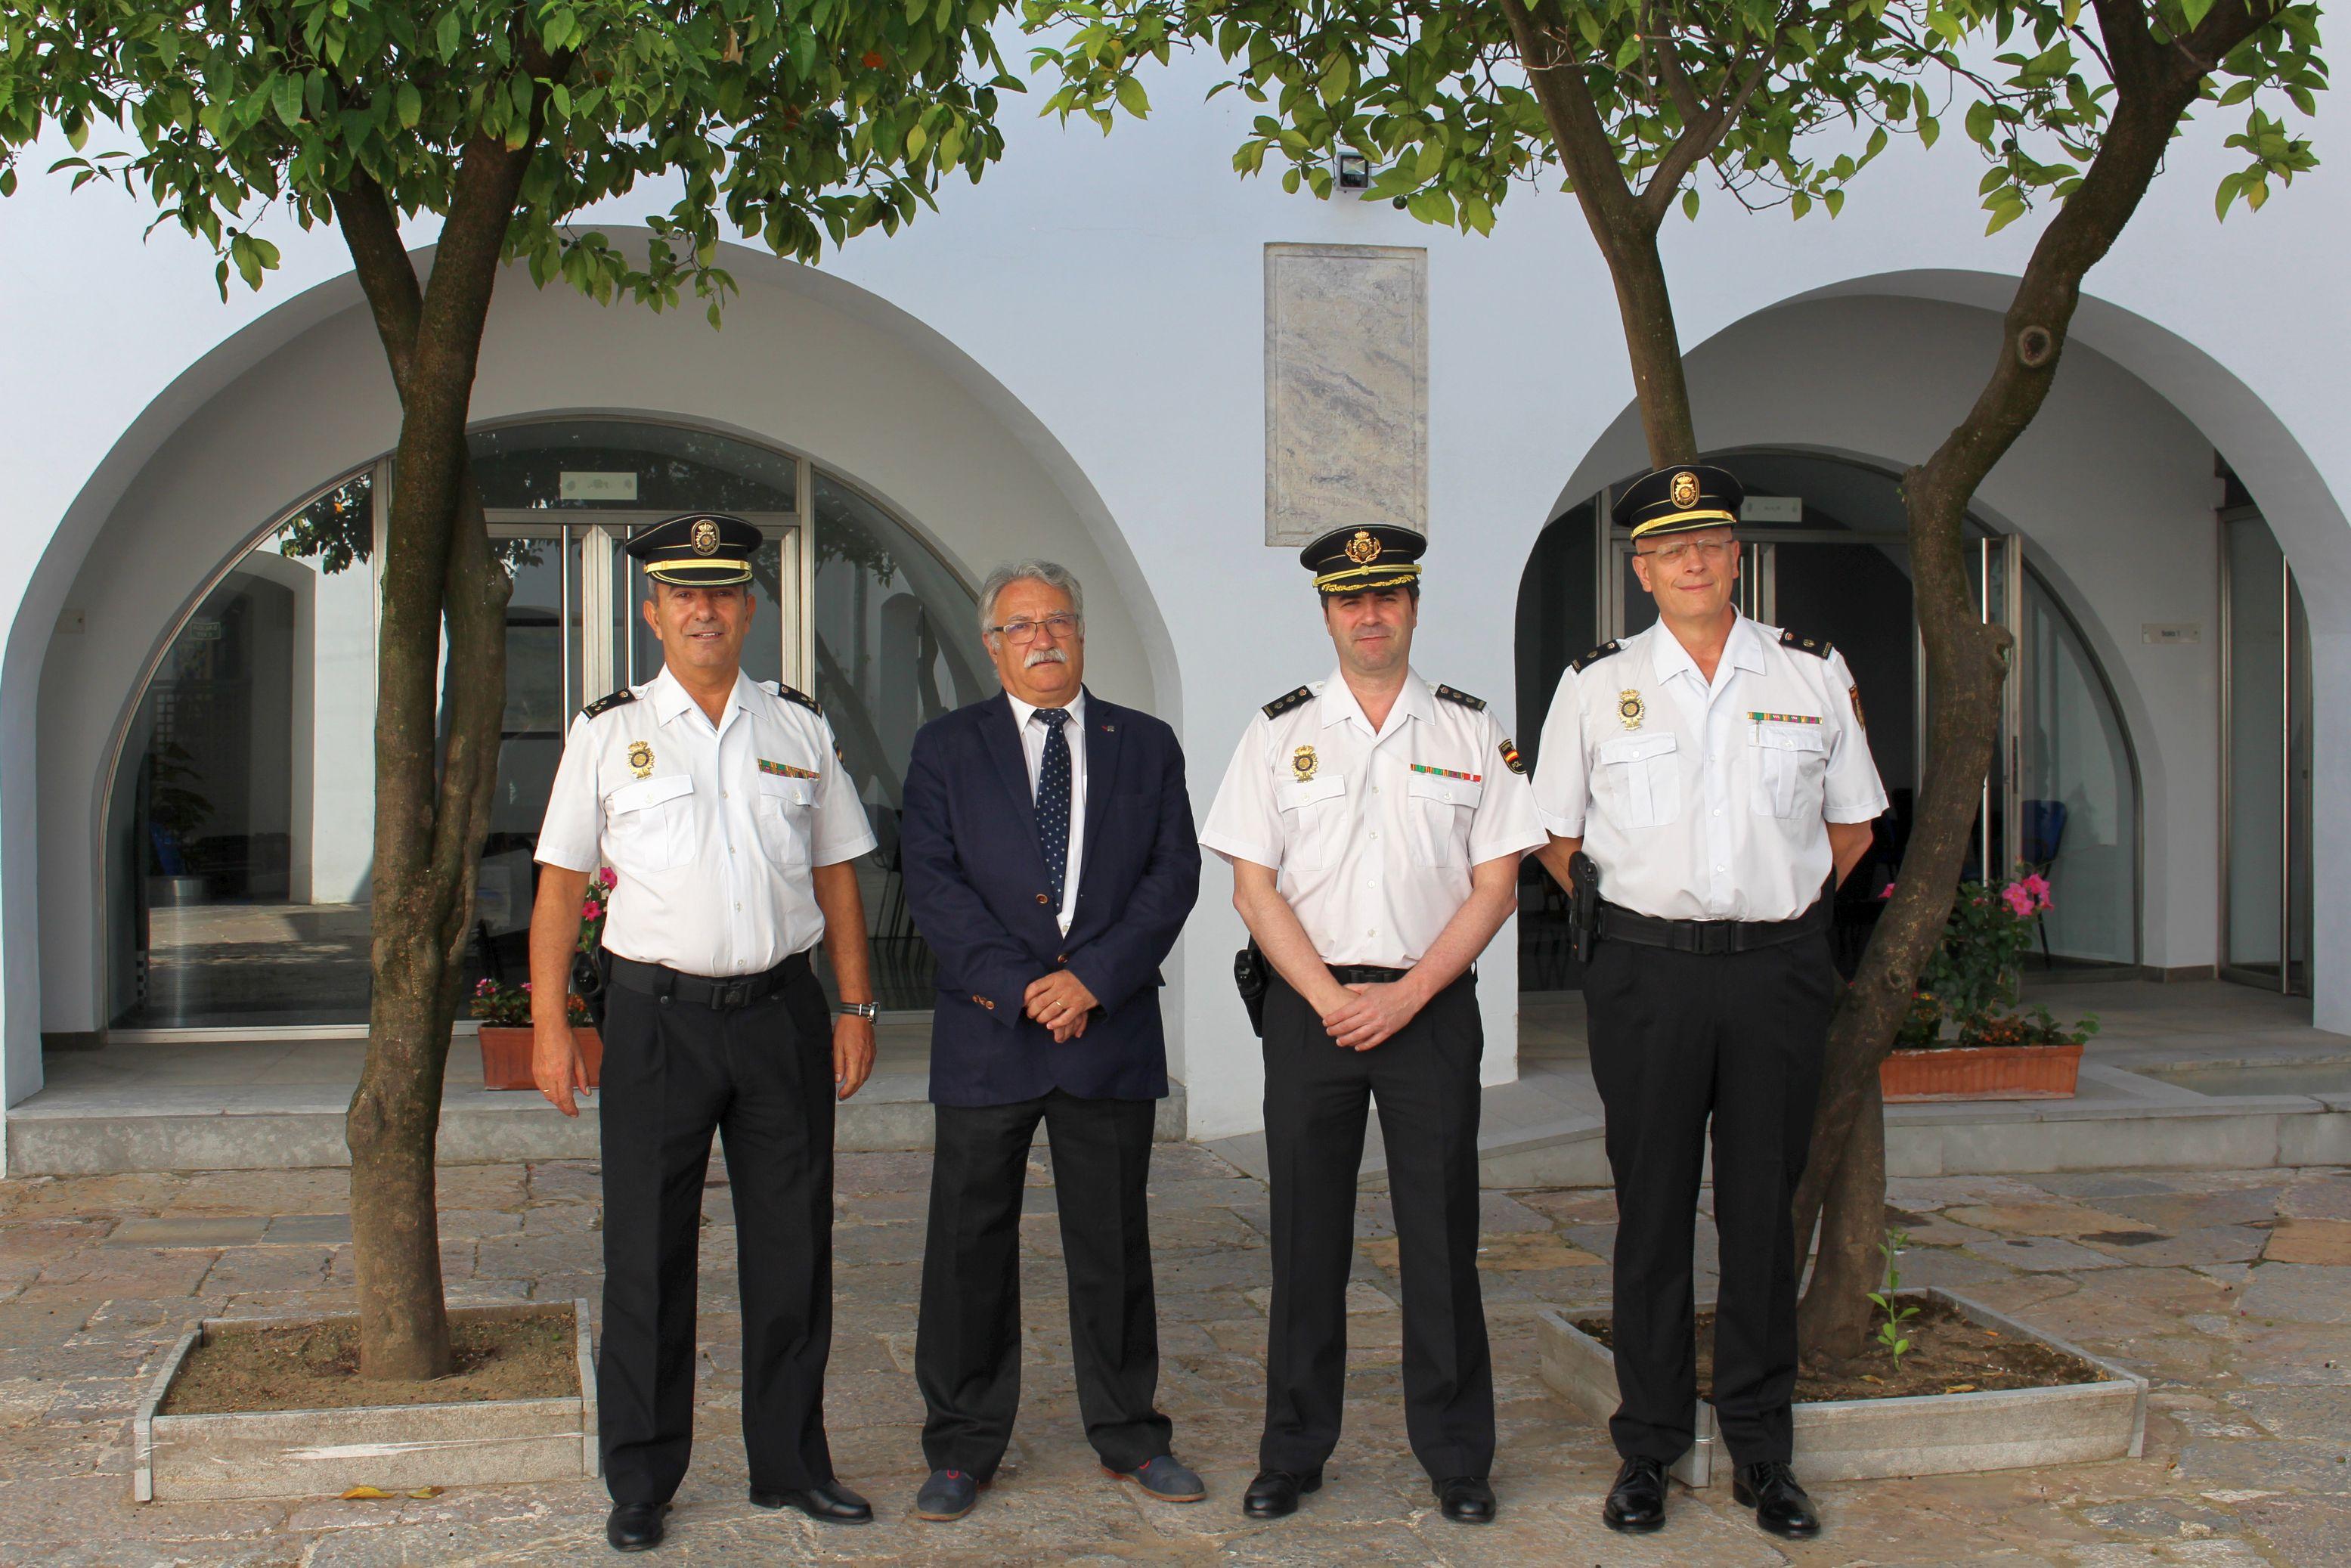 El Colegio de Enfermería de Córdoba acoge una reunión con la Policía Nacional para prevenir las agresiones a enfermeras